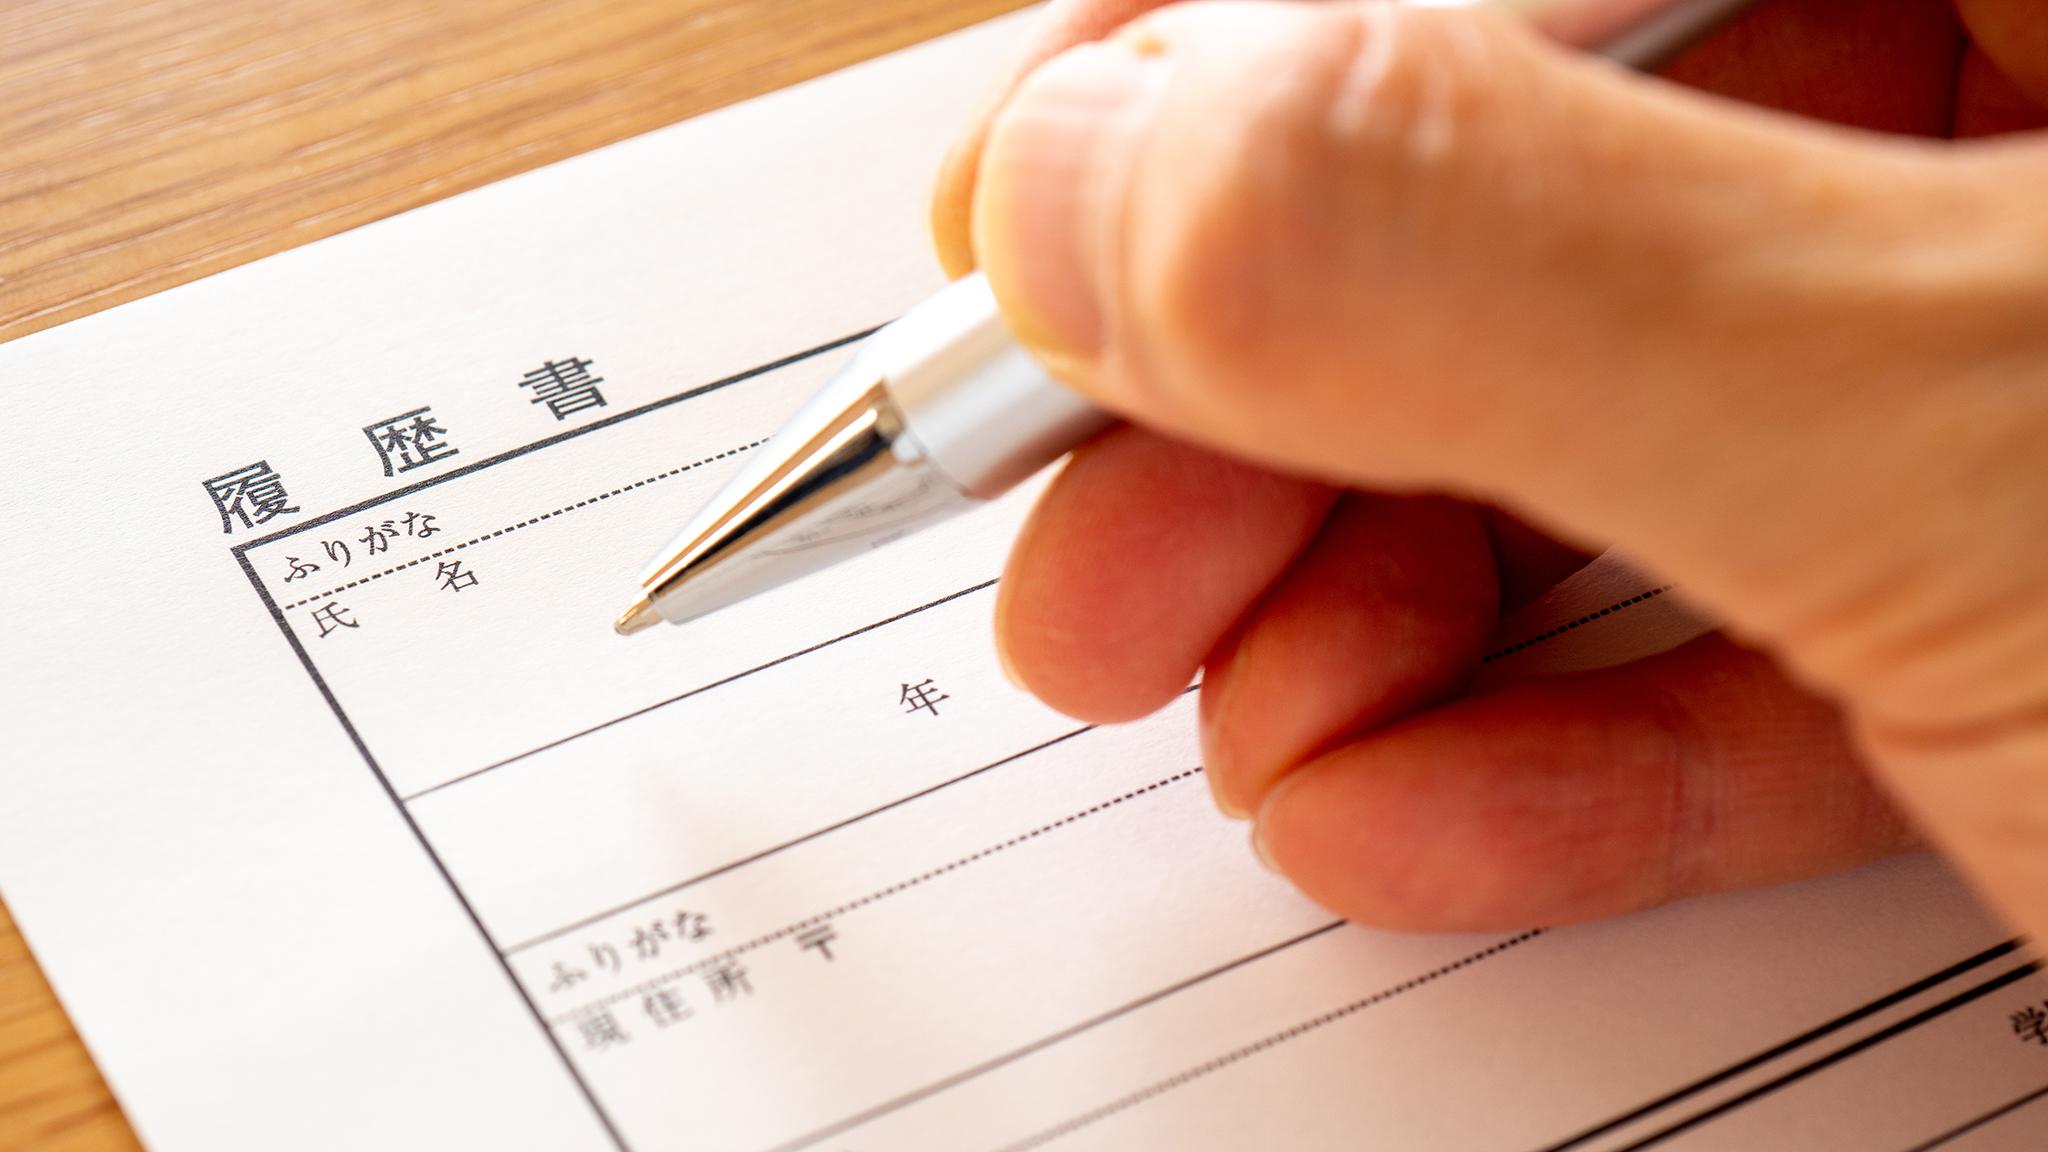 【例文付き】転職の履歴書における志望動機の書き方を6ステップで解説